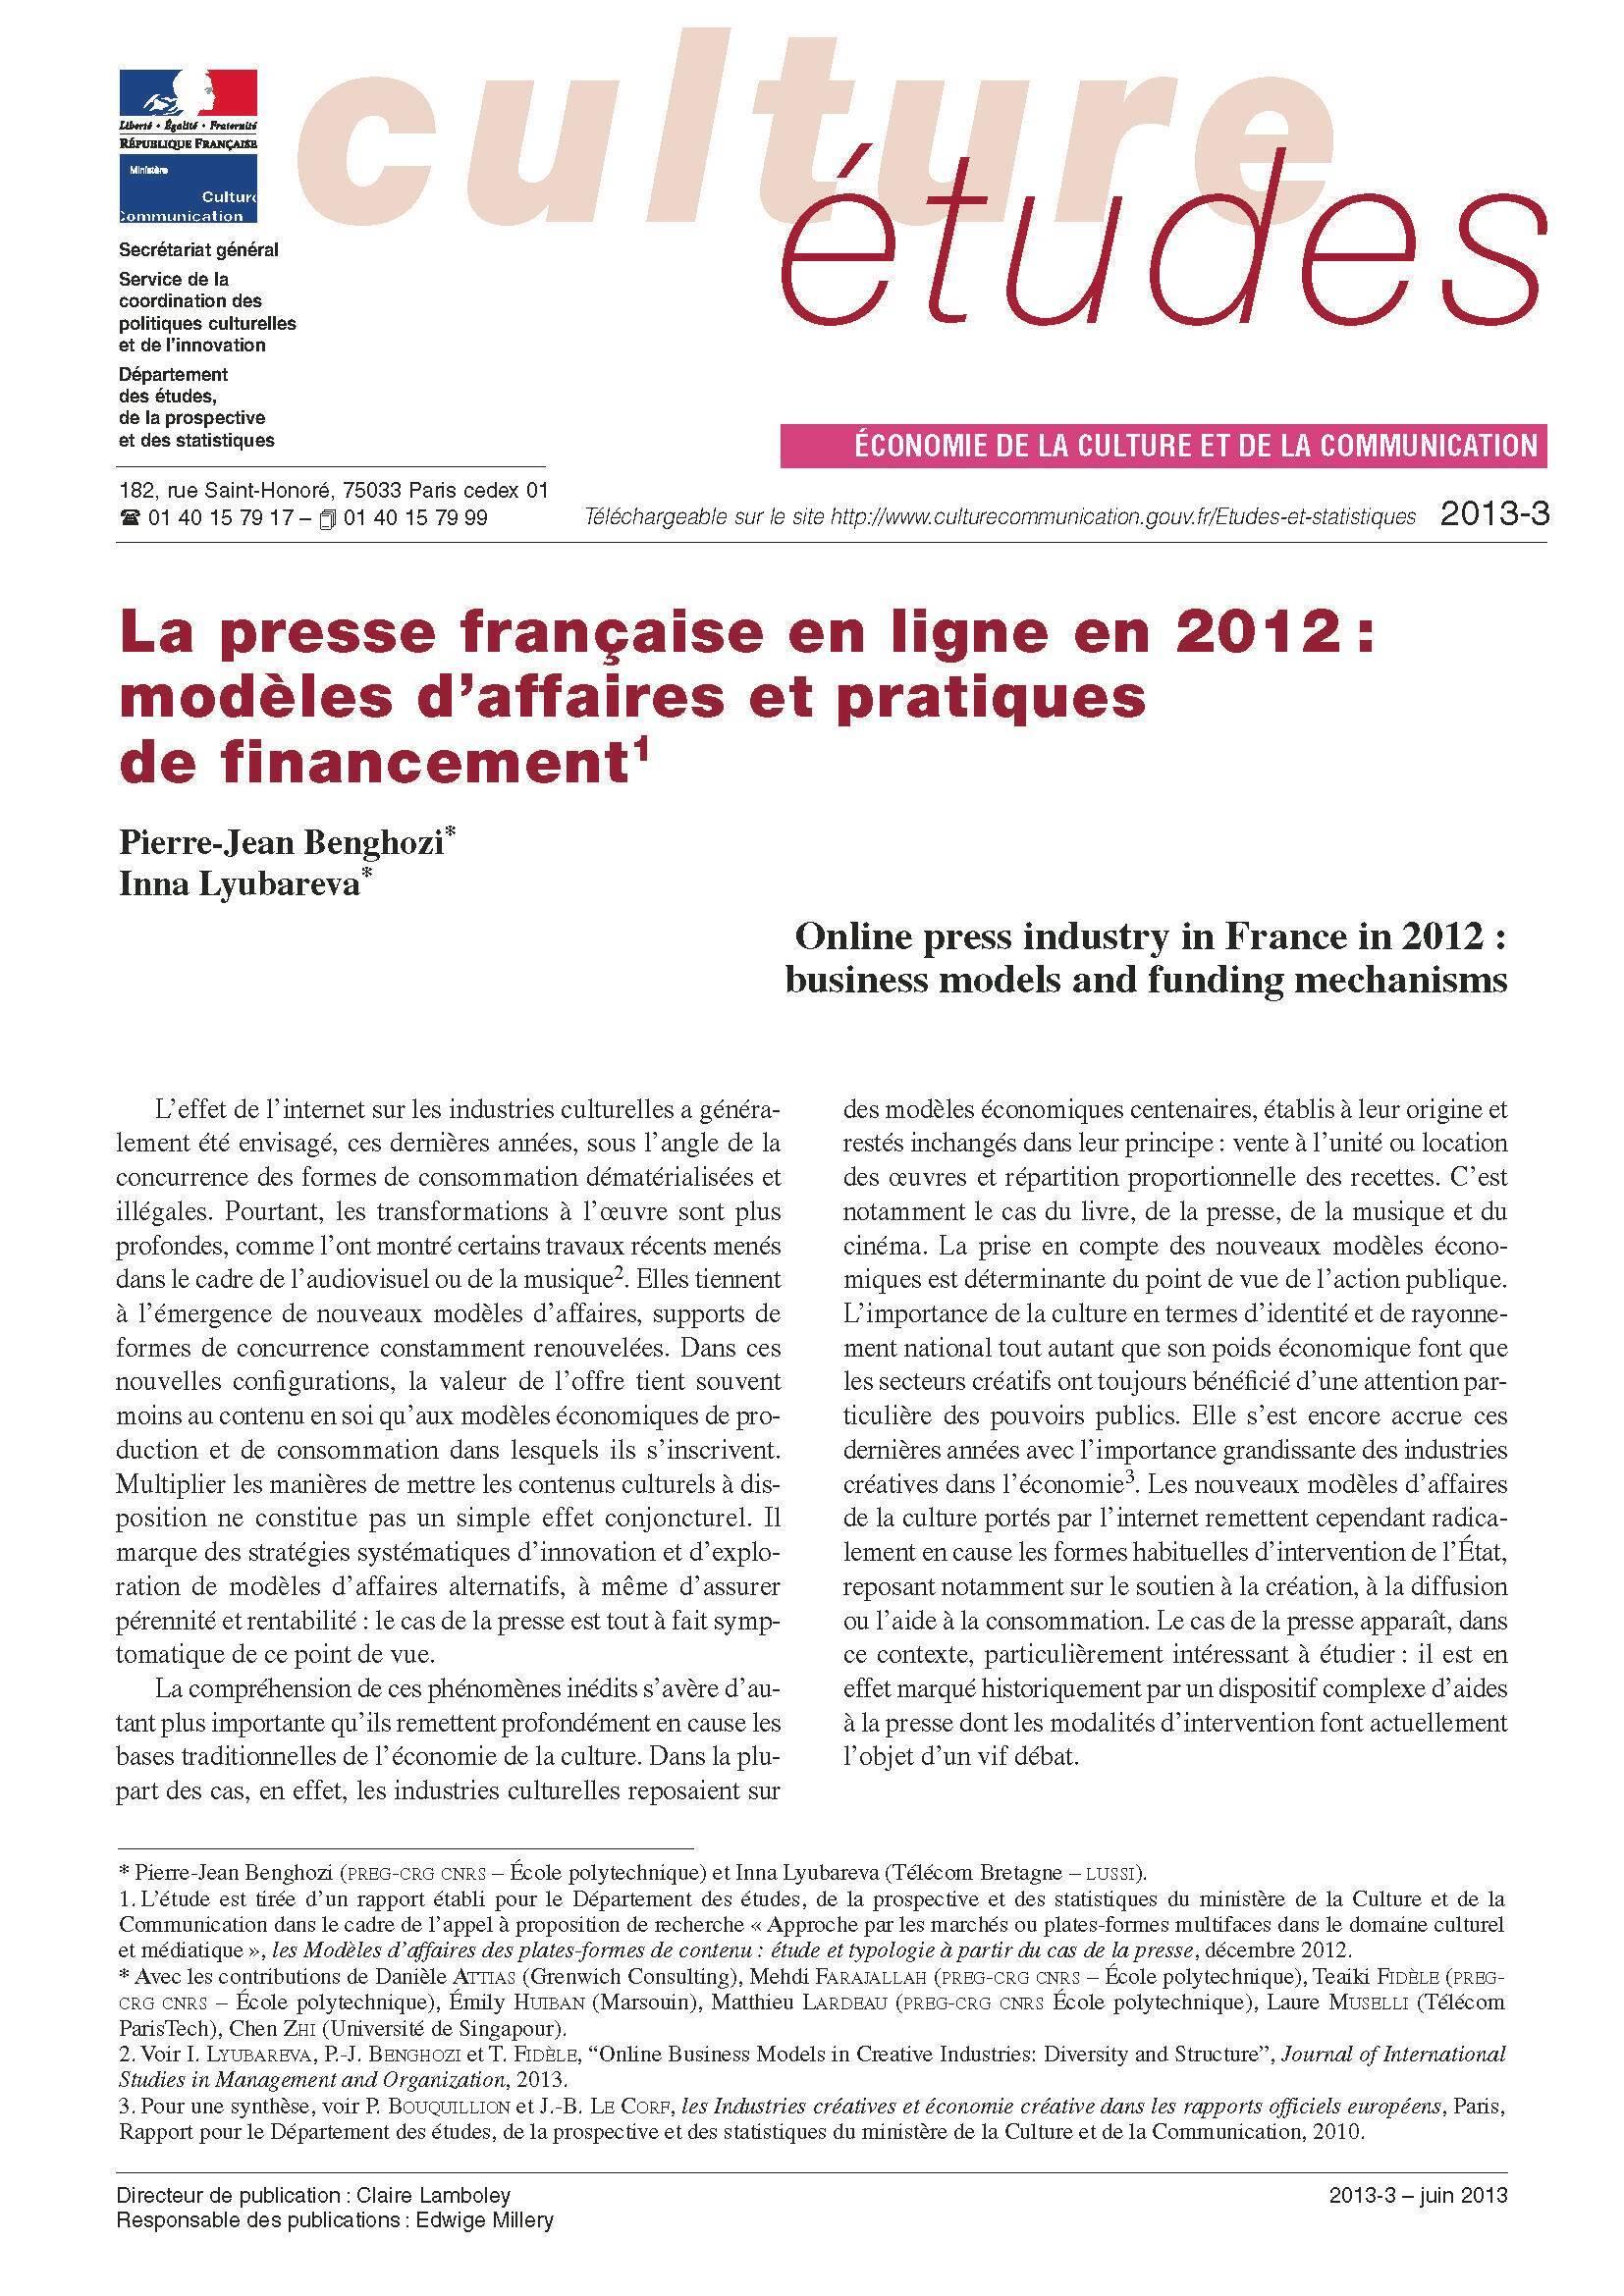 La presse française en ligne en 2012 : modèles d'affaires et pratiques de financement